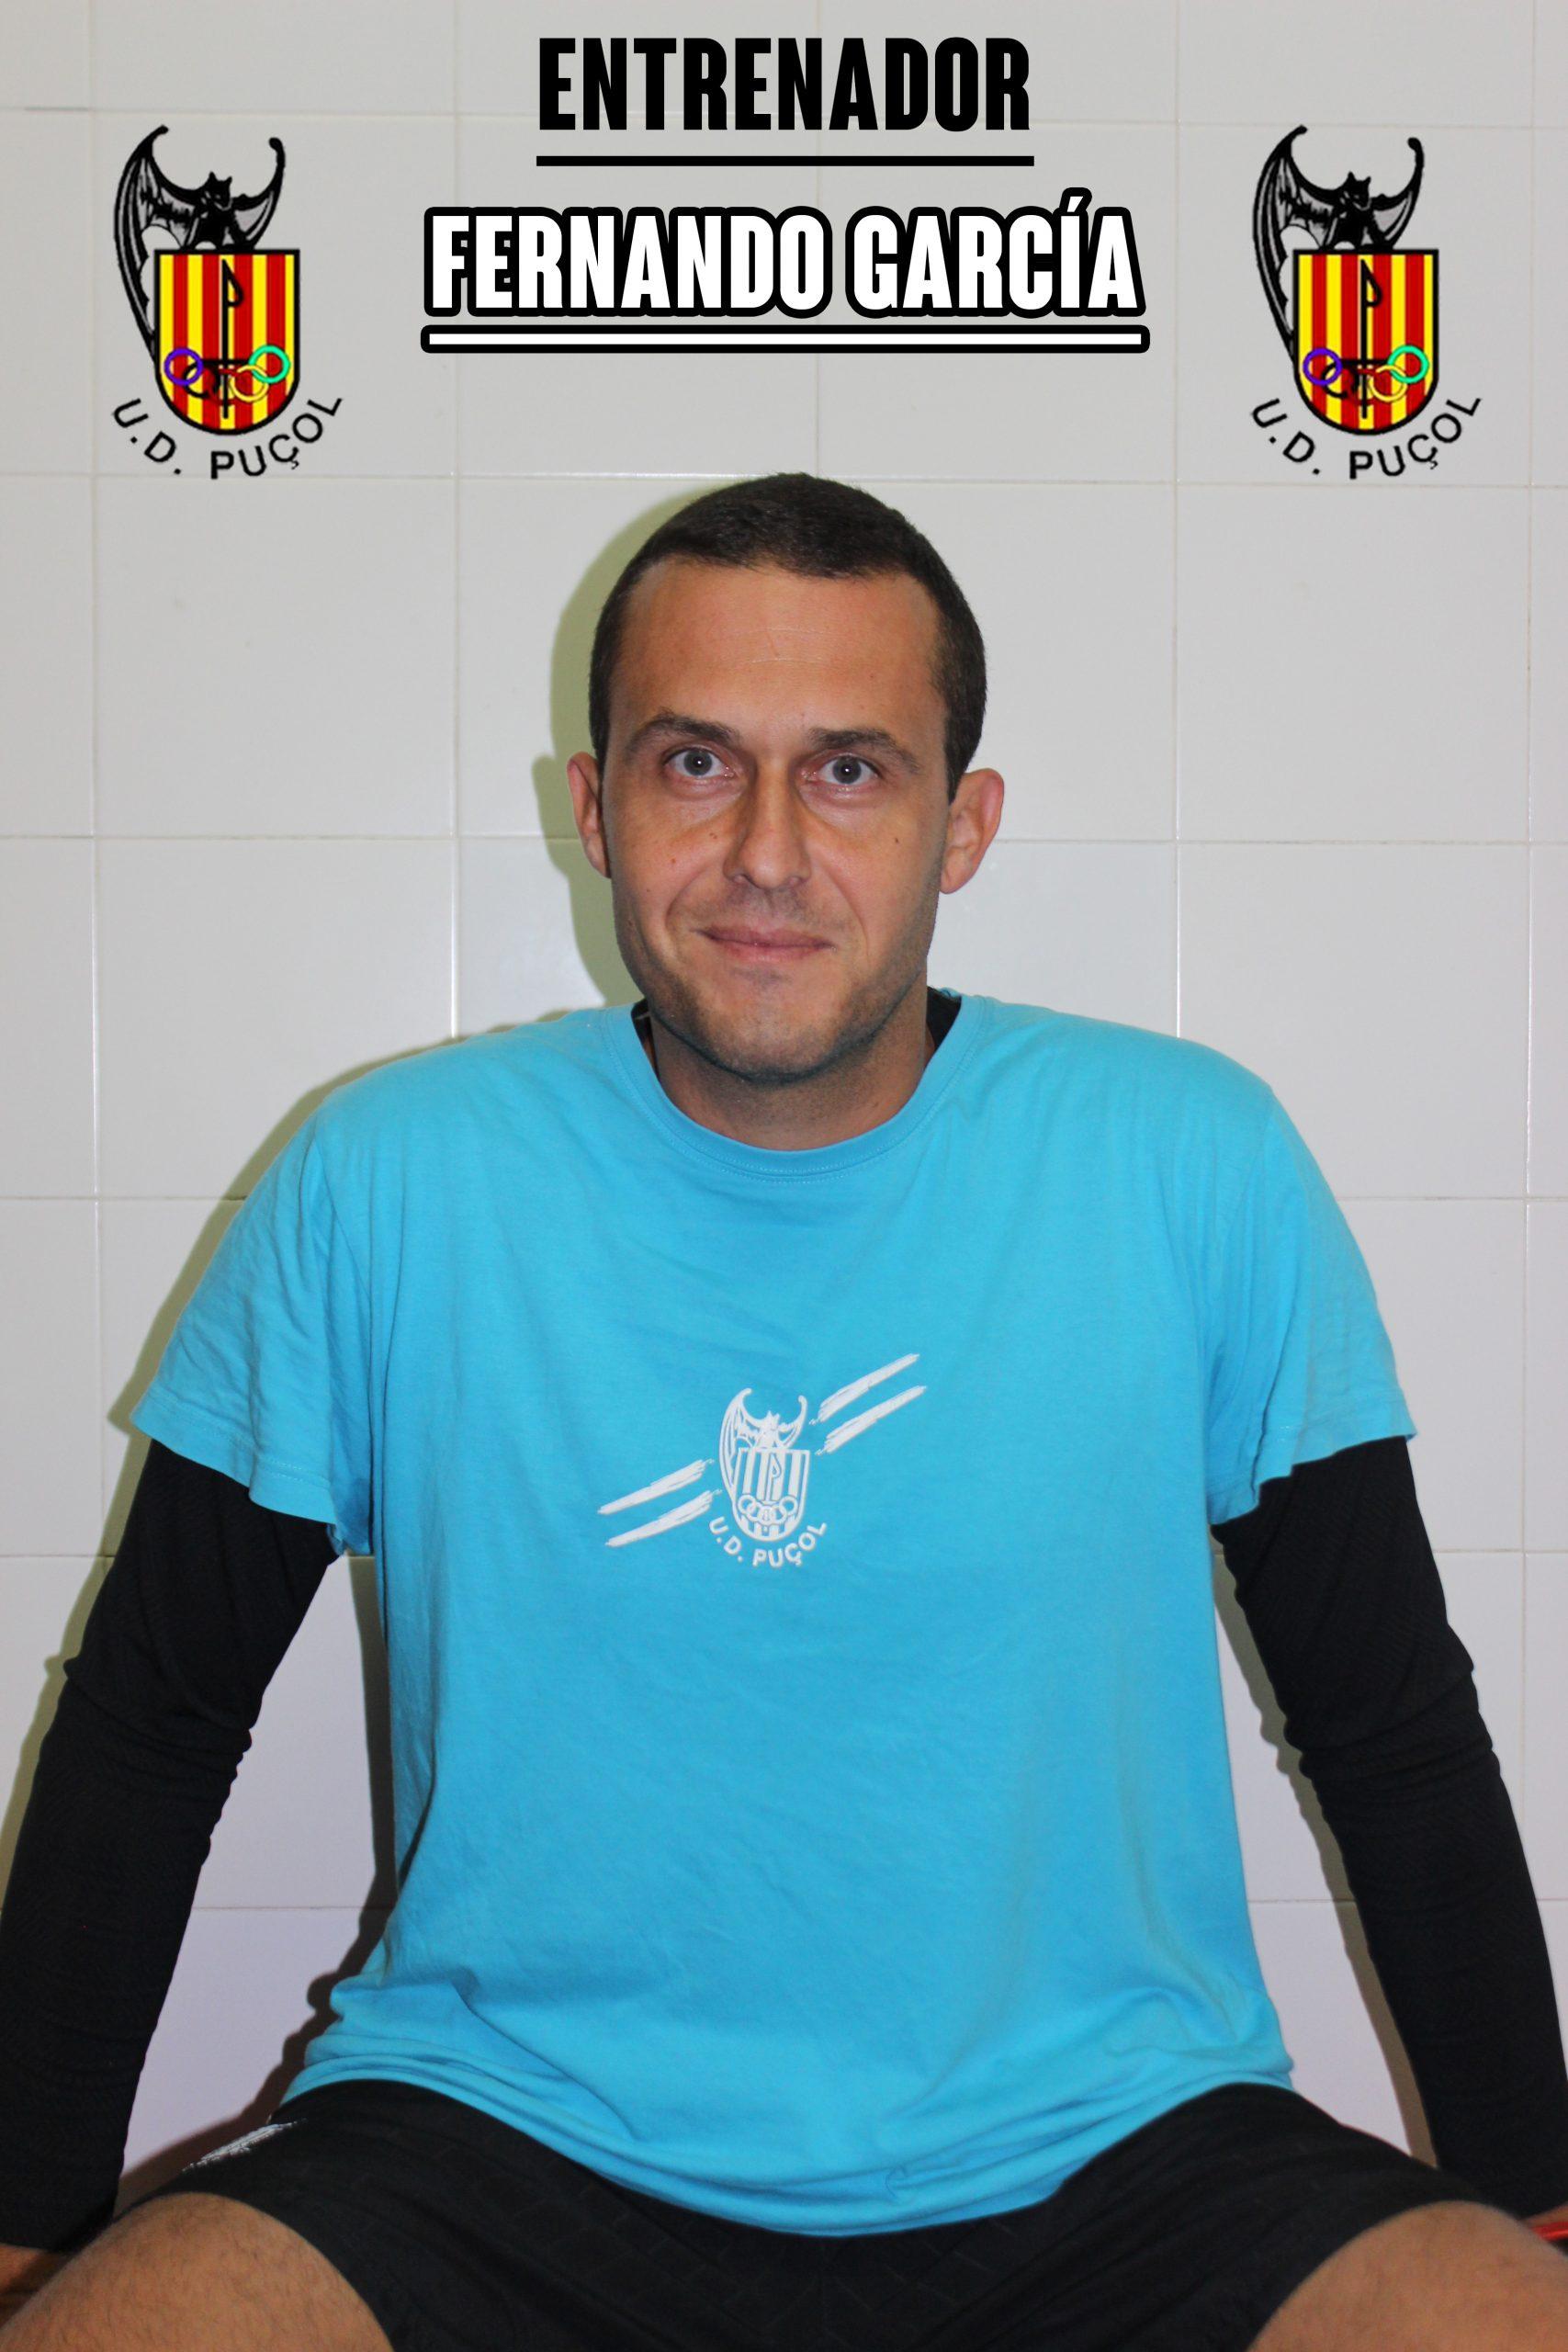 Fernando García Entrenador